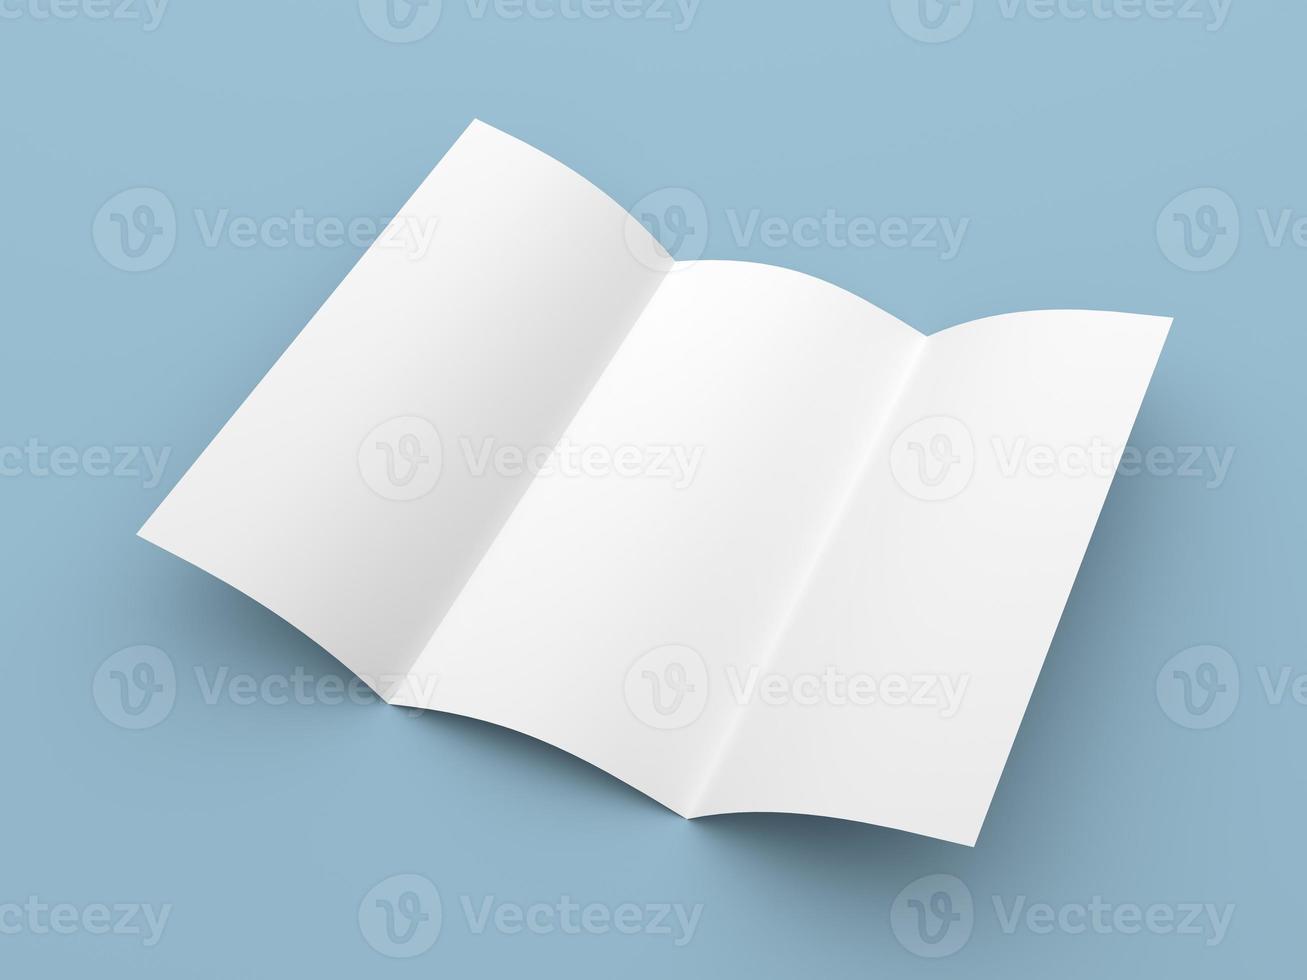 broschyr med broschyr i vitbok med tre gånger foto